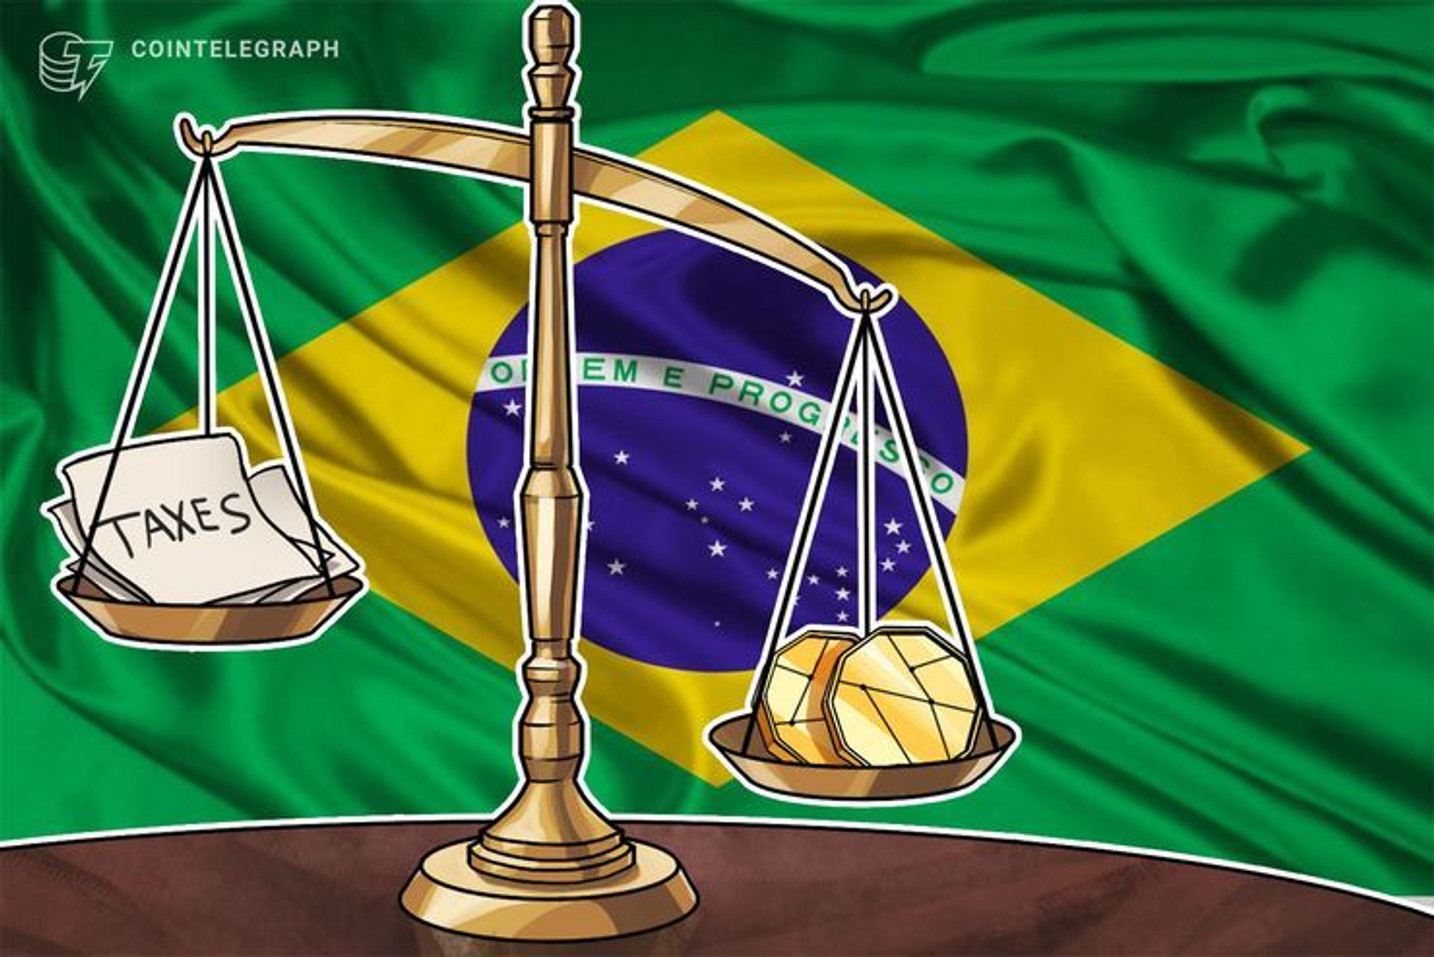 Reforma tributária de Bolsonaro vai impulsionar o Bitcoin no Brasil para fugir de impostos, diz especialista